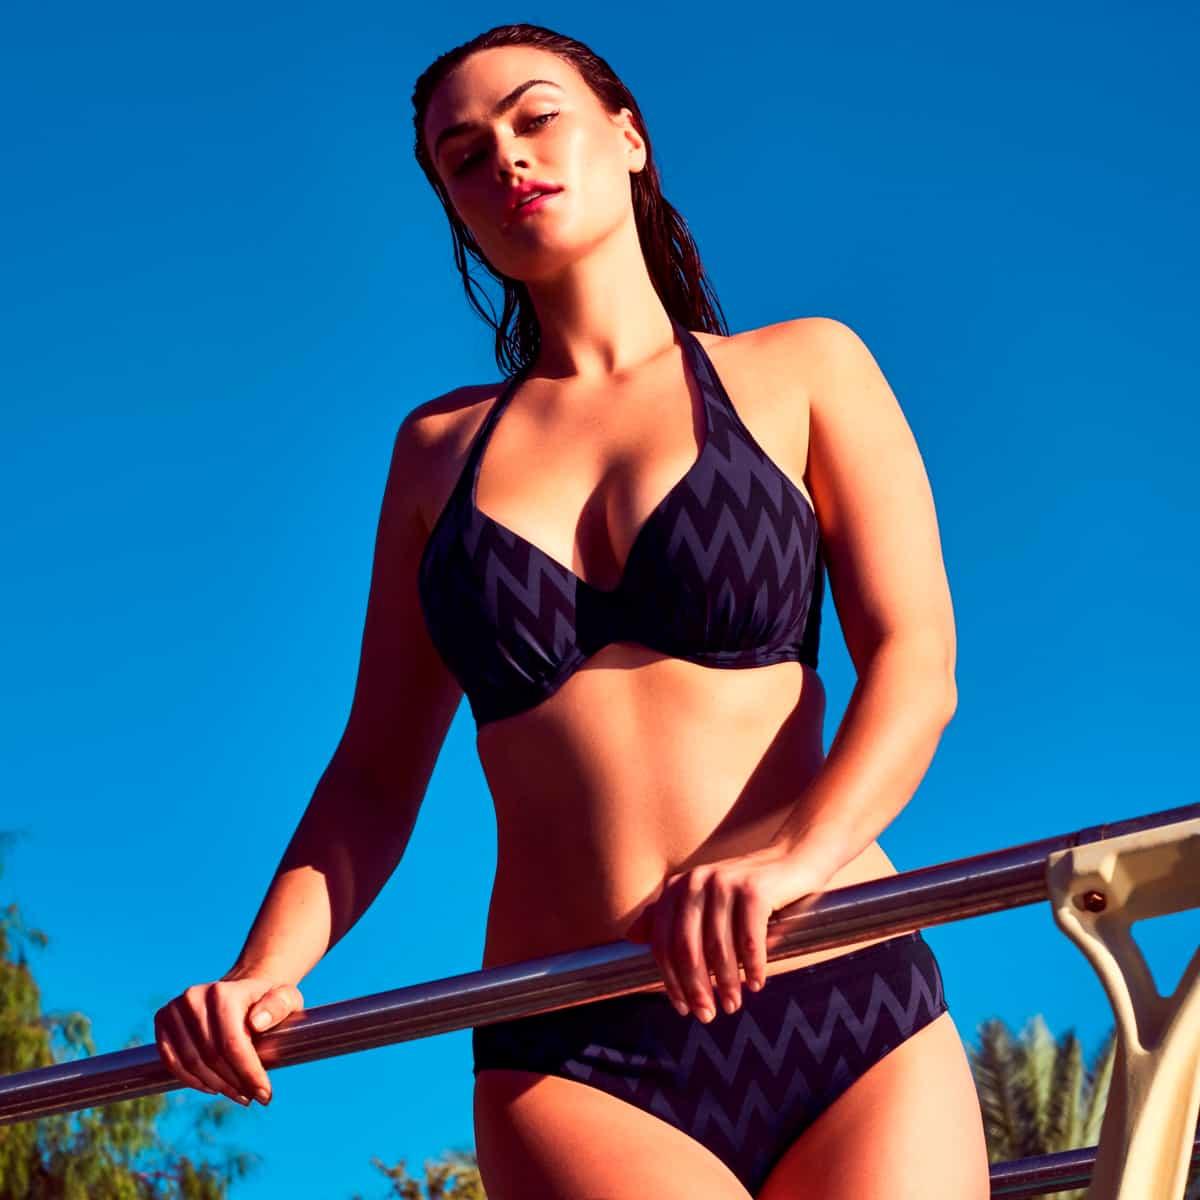 Bikini Sommer 2019 PrimaDonna Swim Model Vegas, Farbe Schwarz